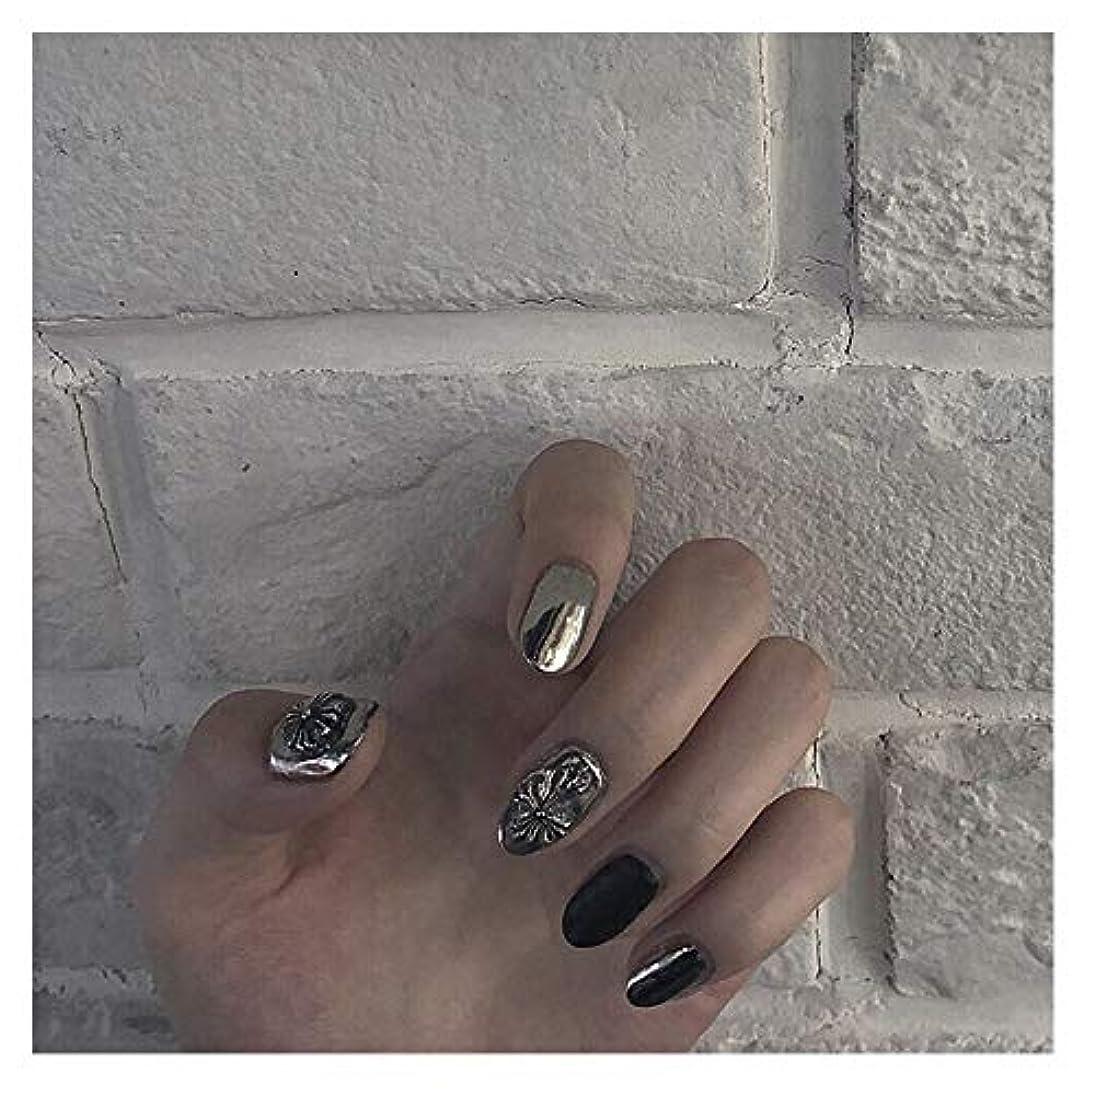 恒久的栄光ナイトスポットBOBIDYEE シルバークロスゴススタイルグルーフェイクネイルズファッション単一製品アクセサリーラウンドネイルズ光沢のあるシルバー+ブラック (色 : 24 pieces)